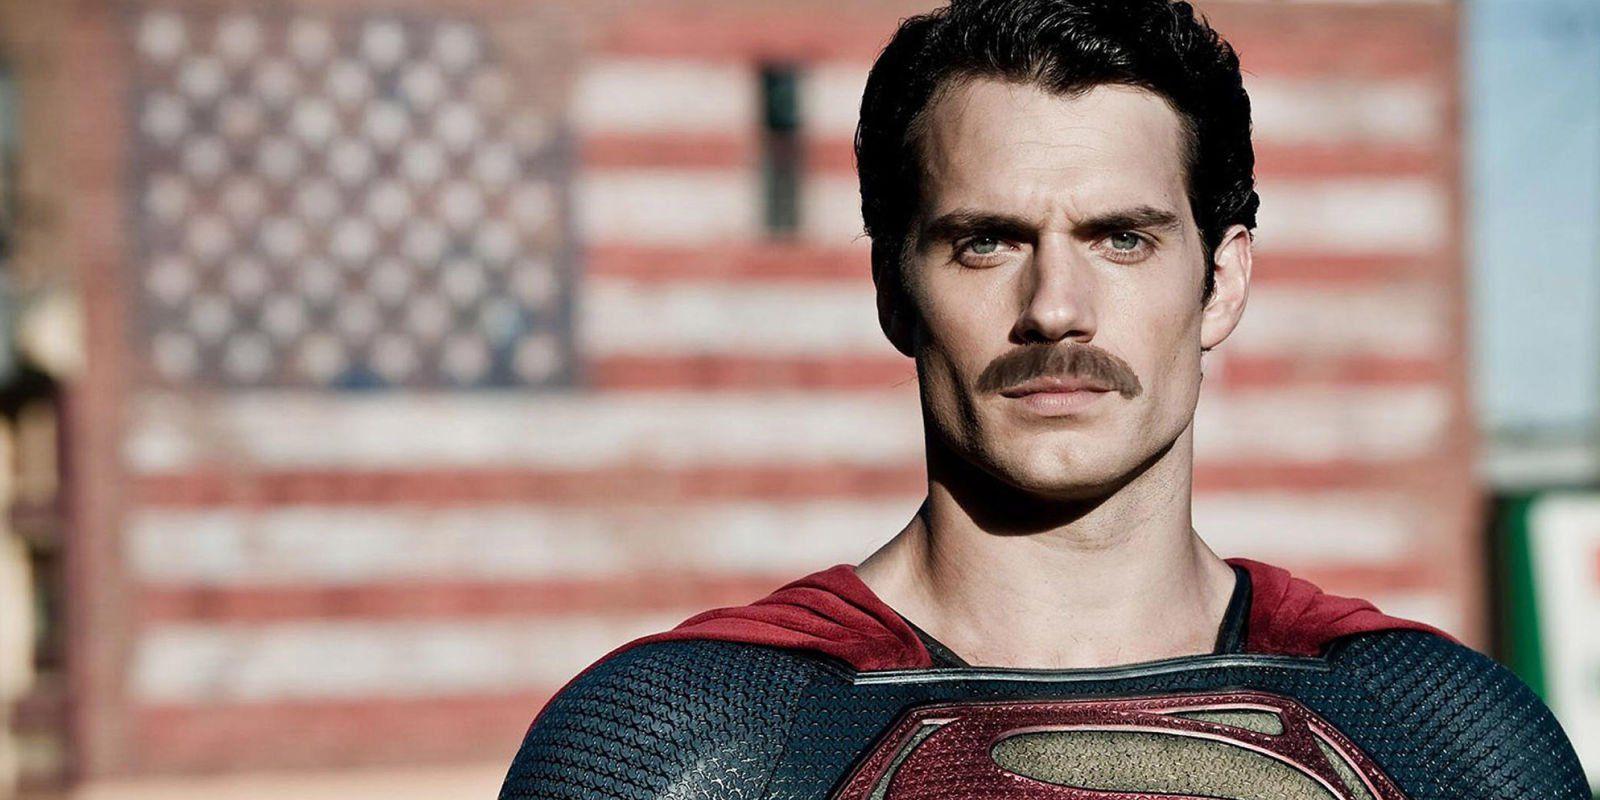 Henry Cavill Superman Mustache - Revelada una imagen de Henry Cavill con su bigote en los reshoots de la 'Liga de la Justicia'